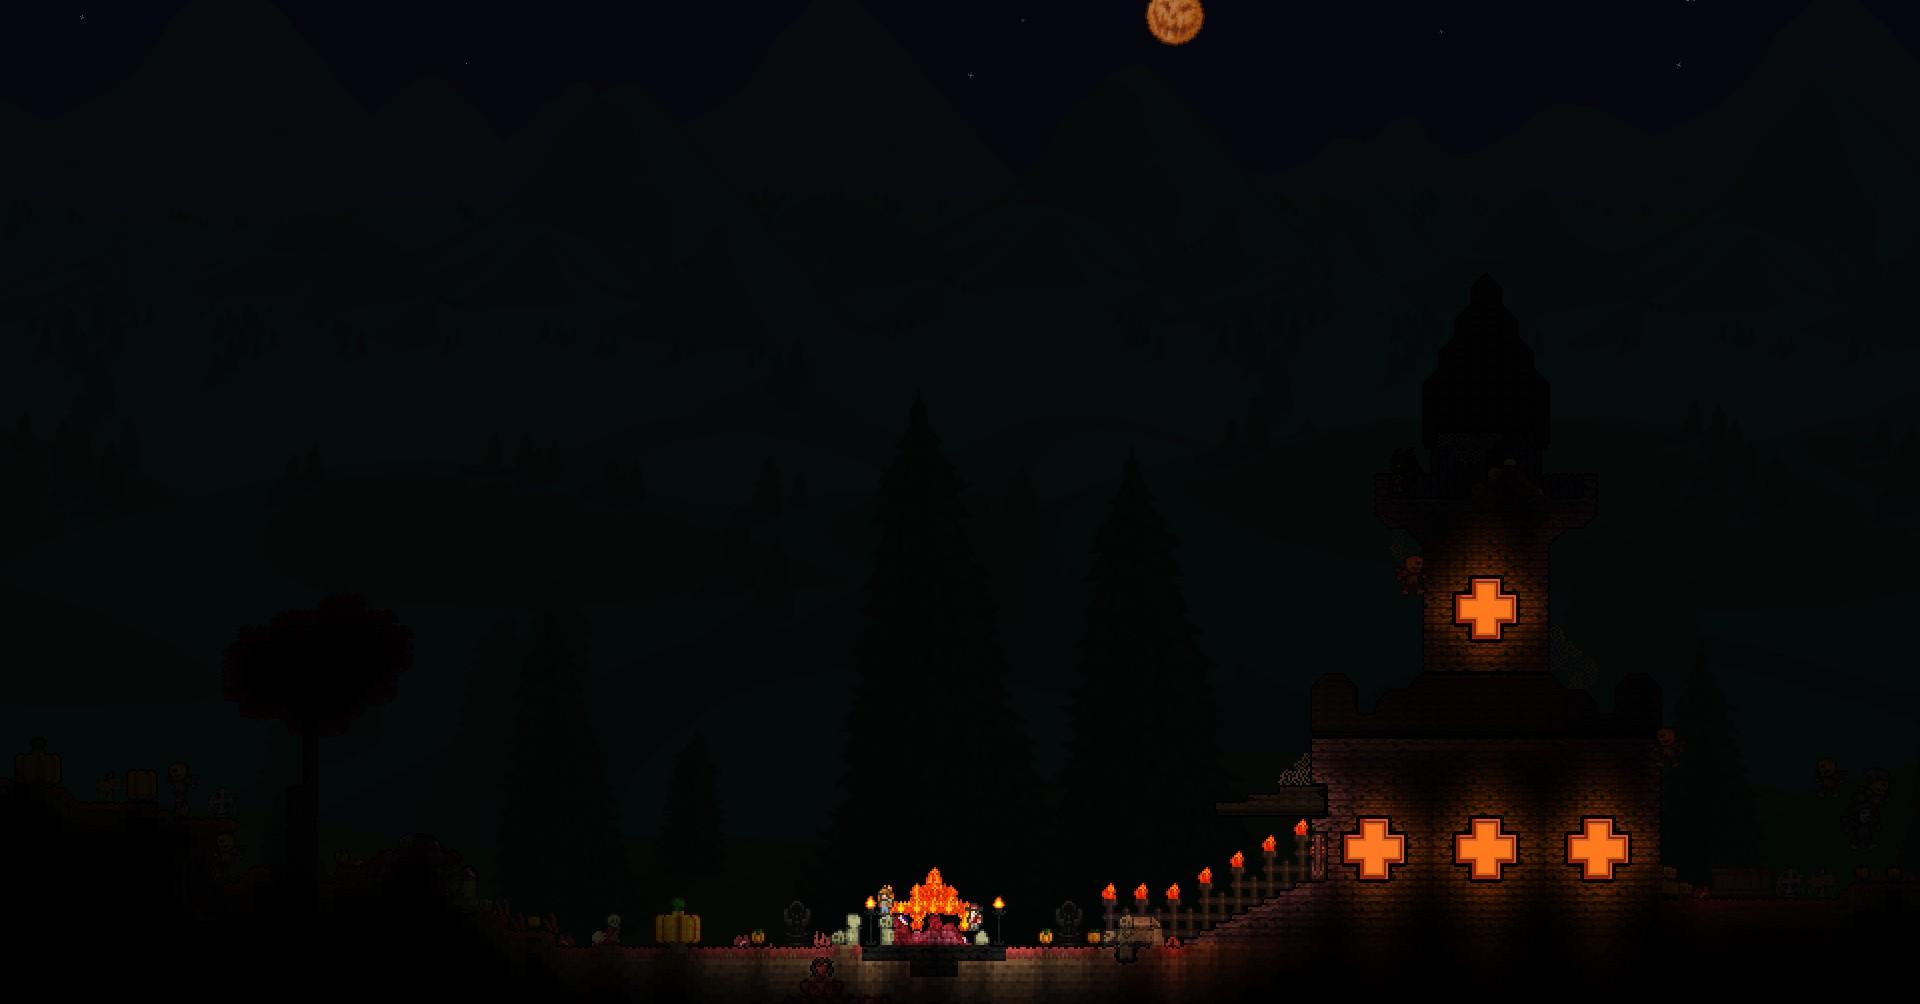 The Pumpkin Manor v_2.jpg